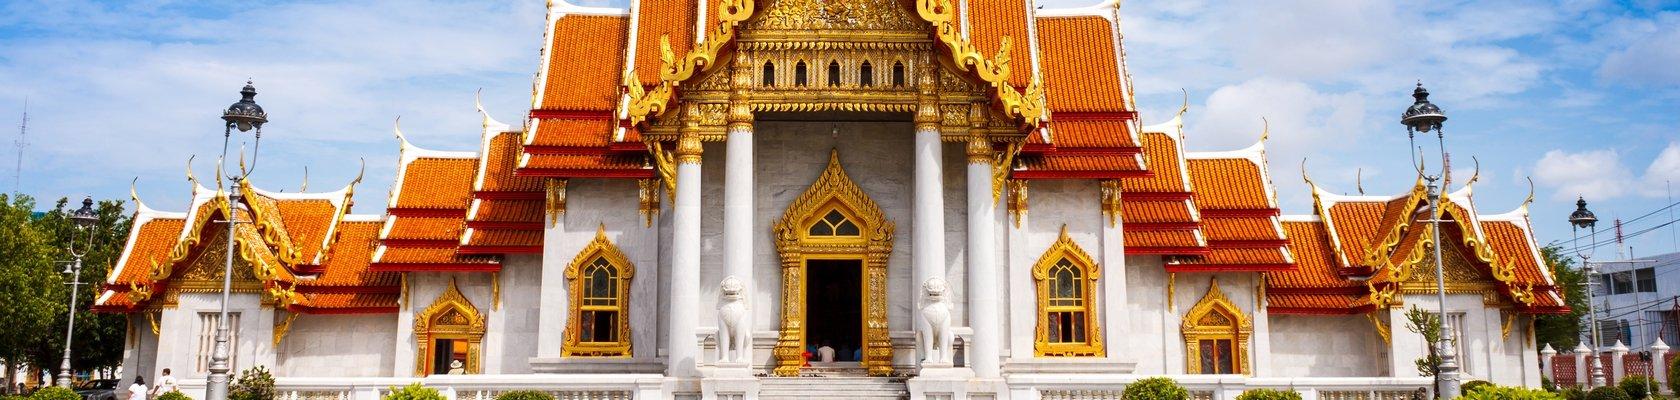 Wat Benchama, Bangkok